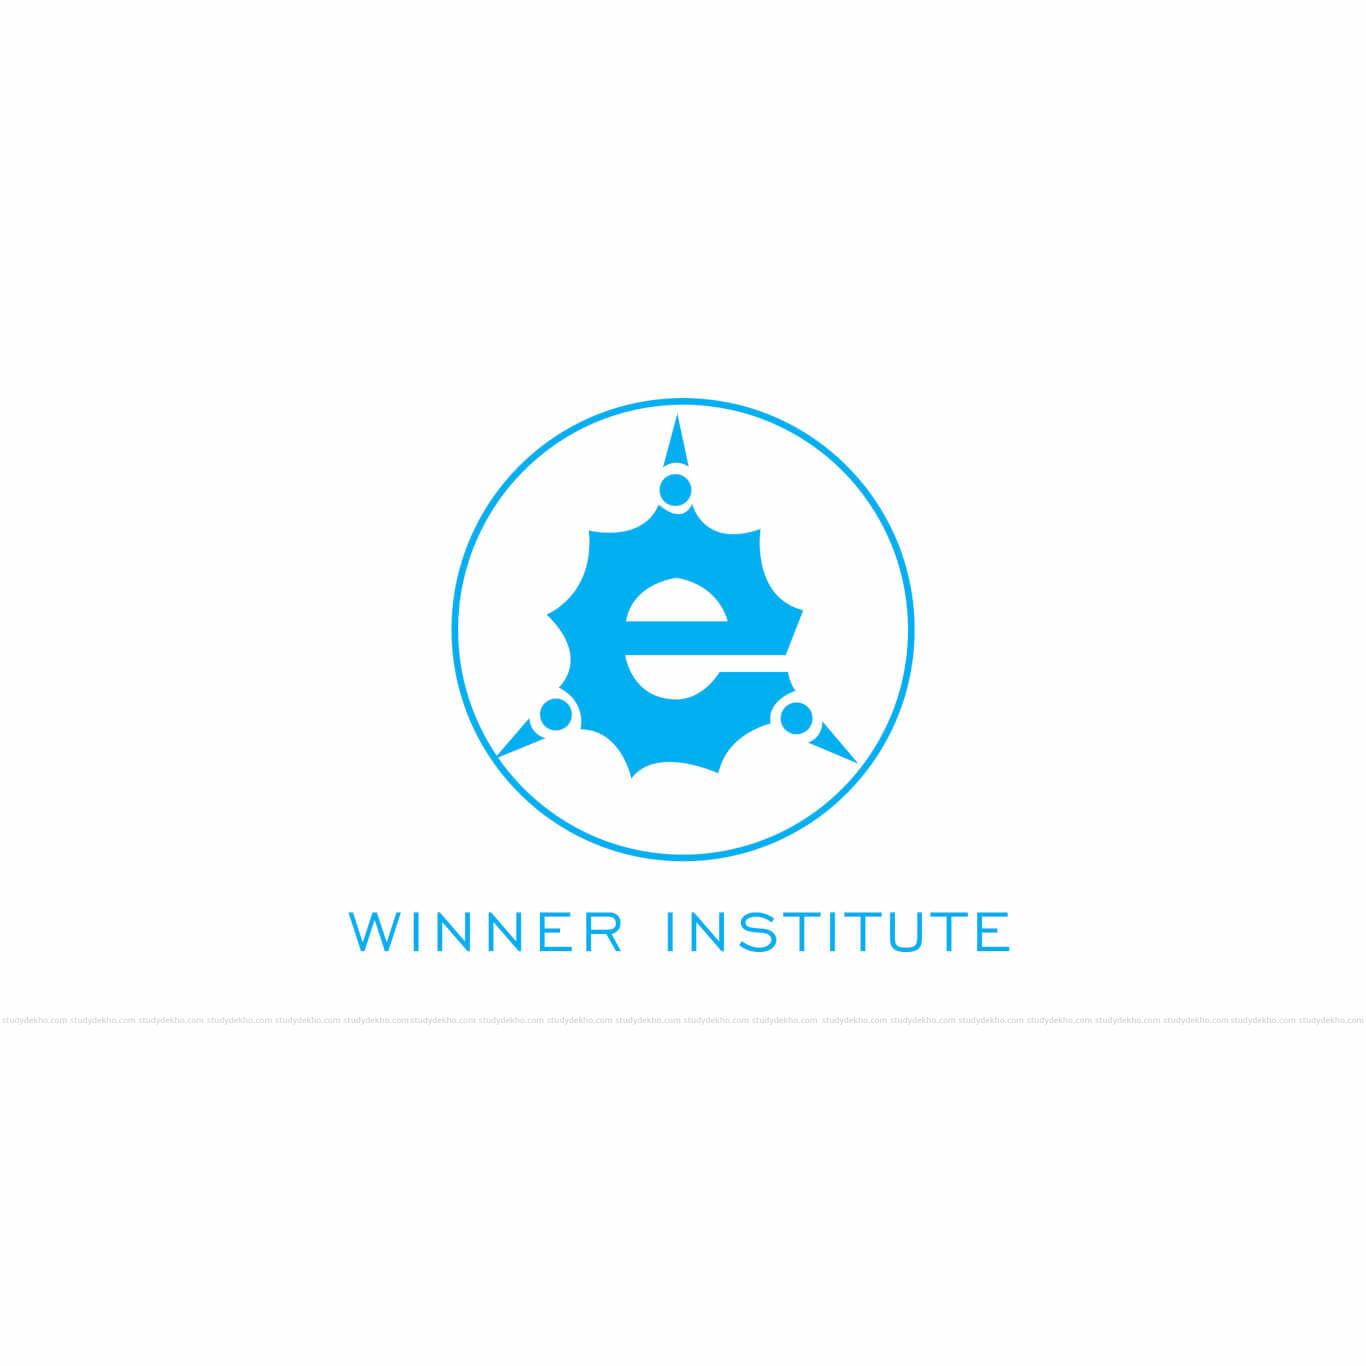 Winner Institute Logo